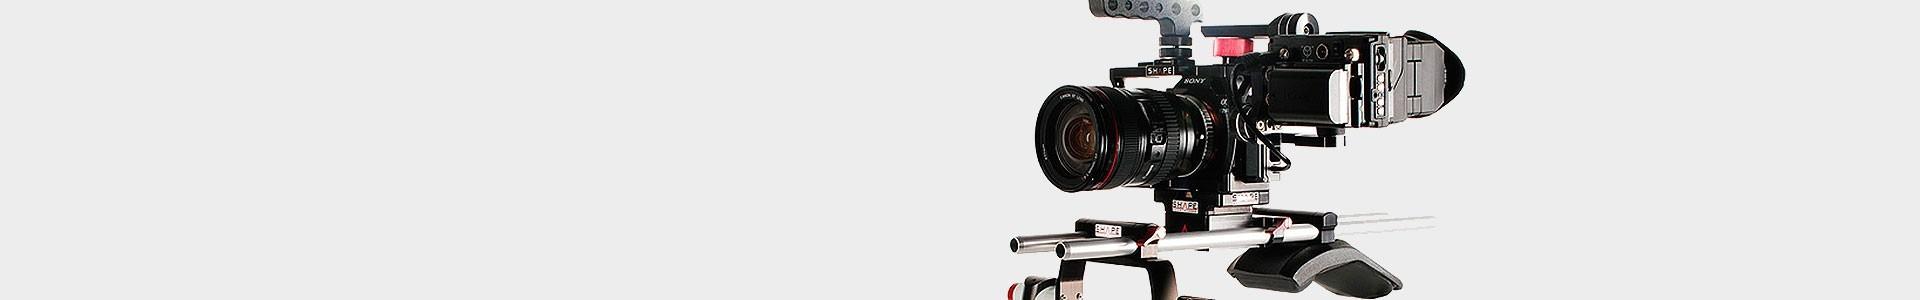 Estativos para cámaras profesionales de cine y vídeo - Avacab